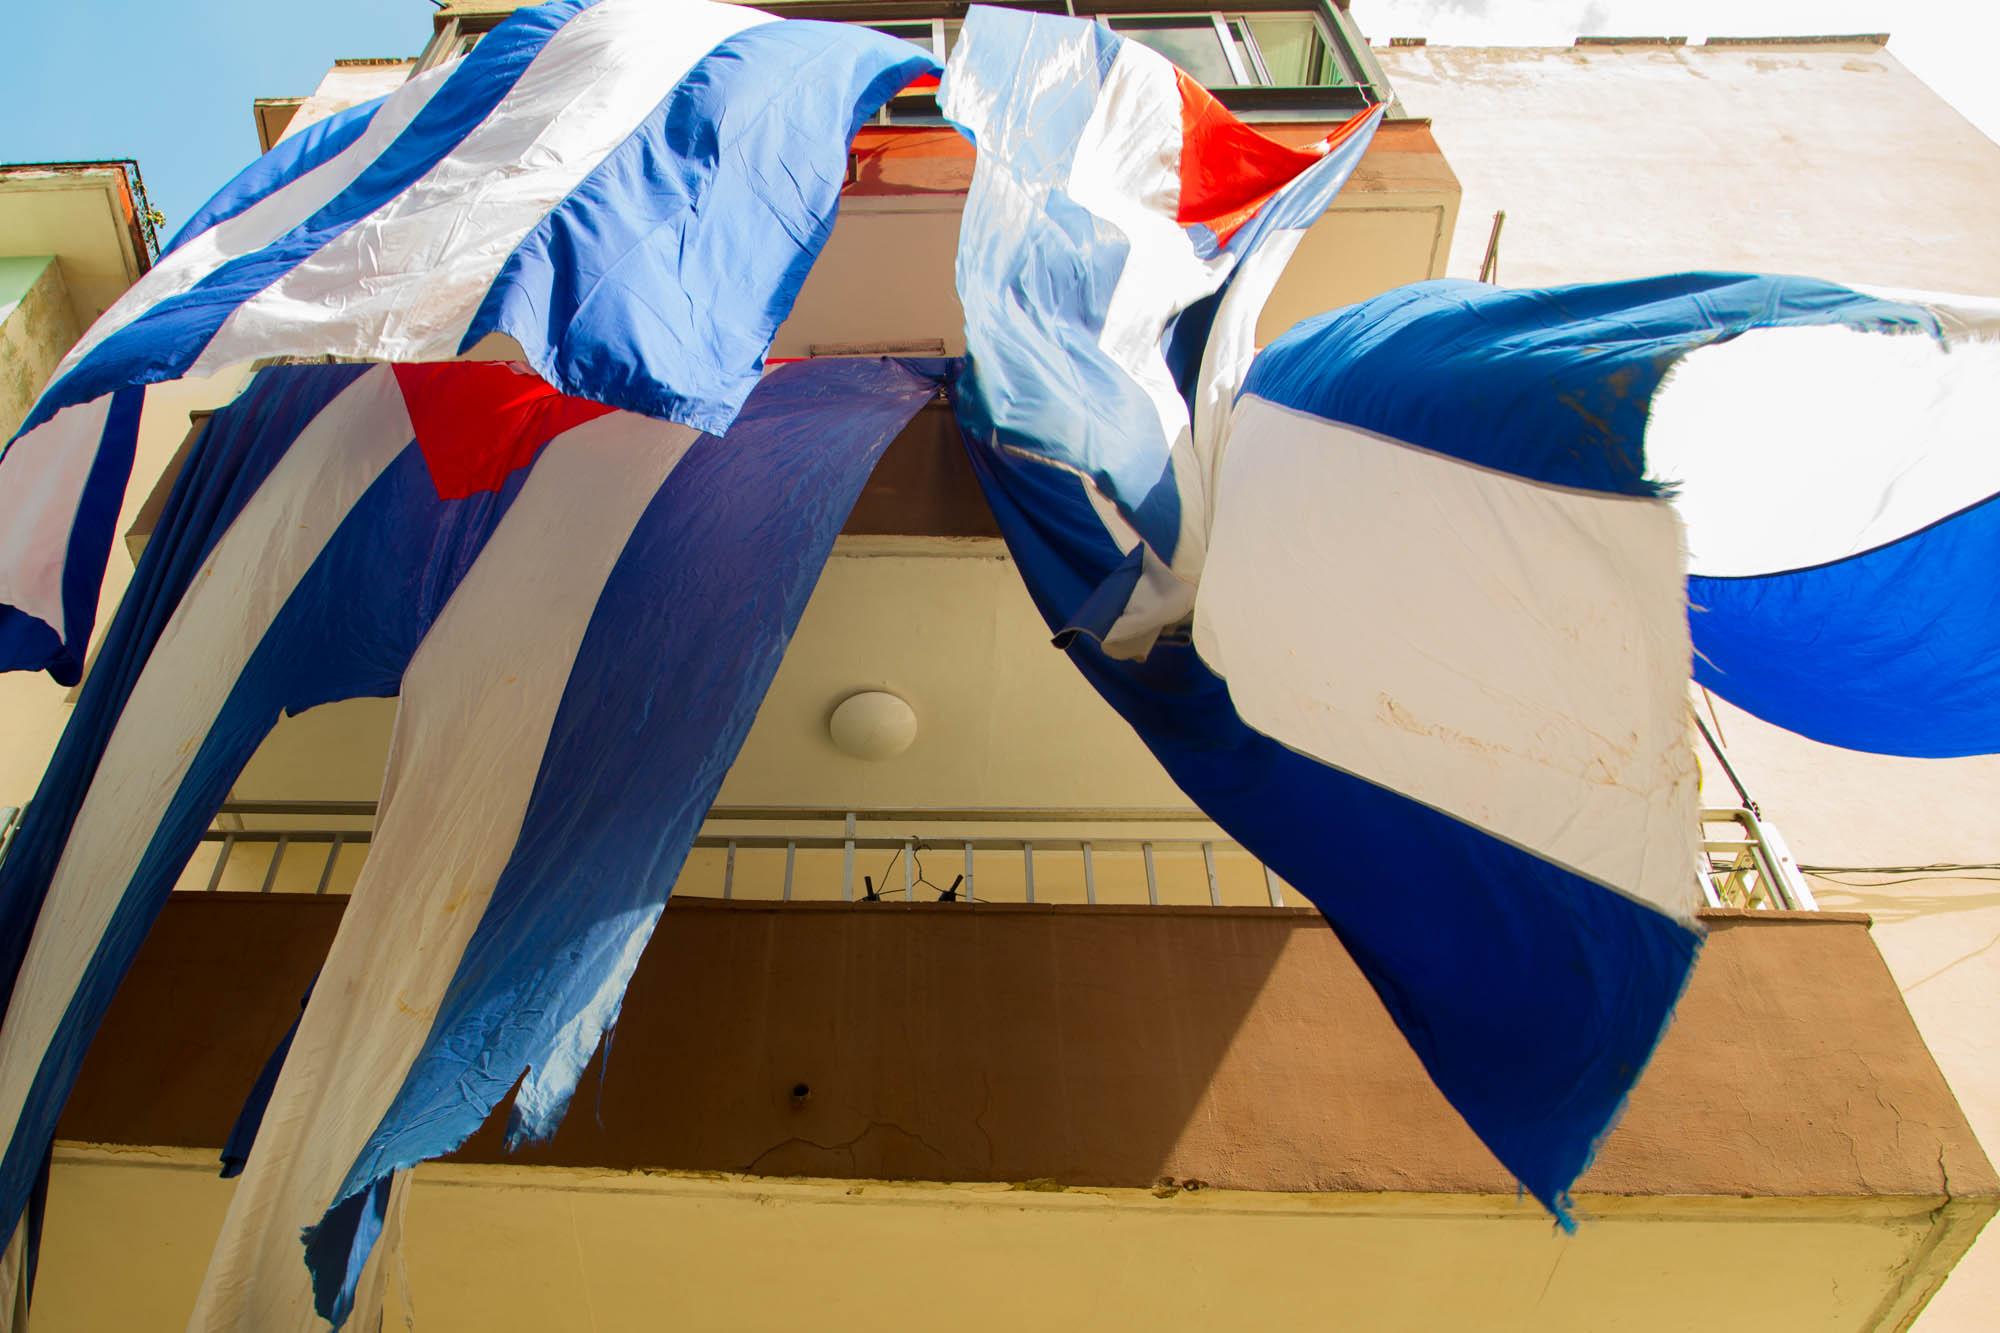 Banderas secándose en los balcones (Foto: Jorge Ricardo)